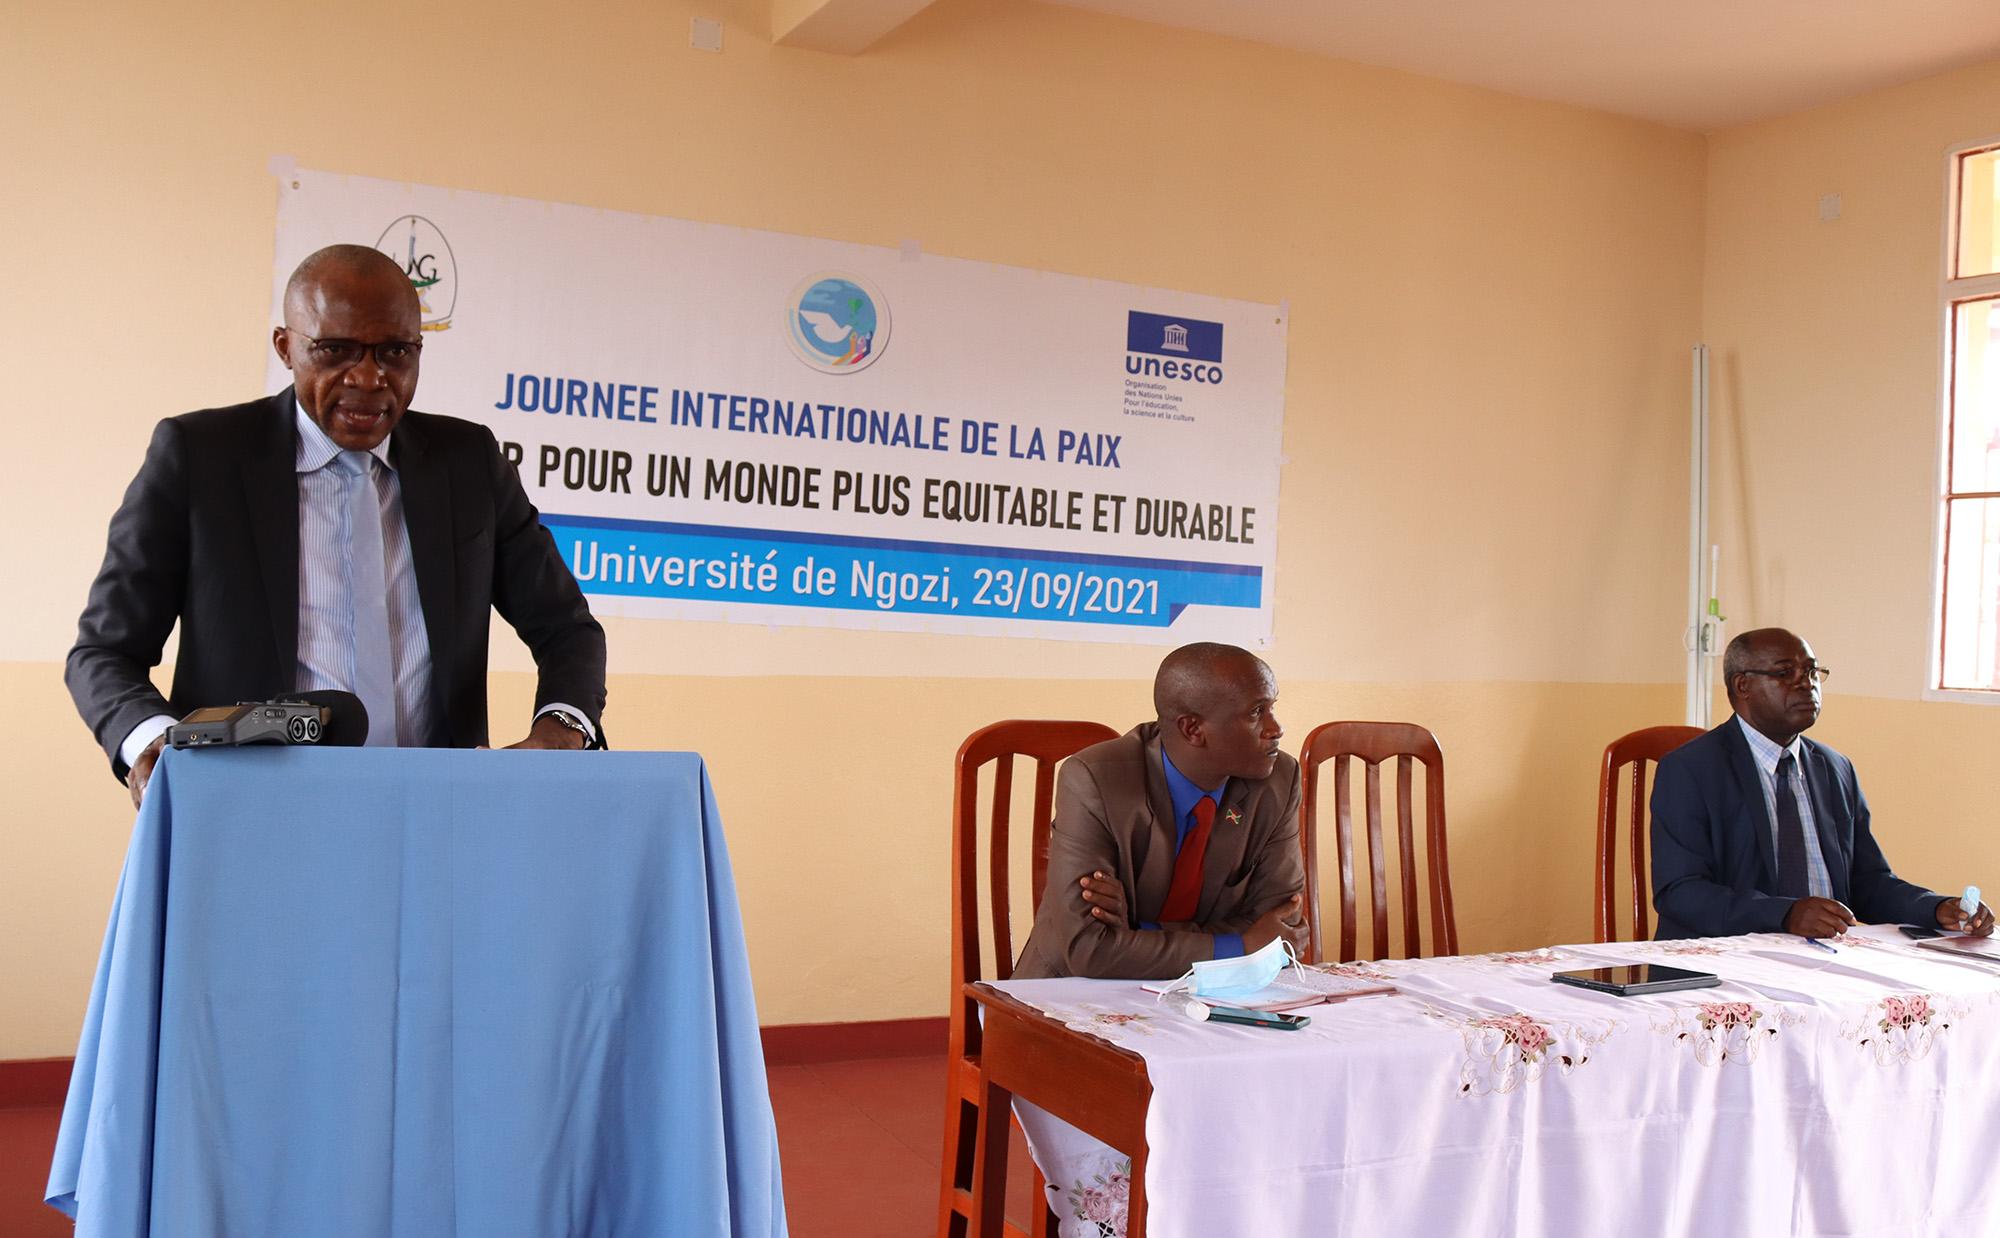 Les Nations Unies et l'Université de Ngozi célèbrent la Journée Internationale de la Paix